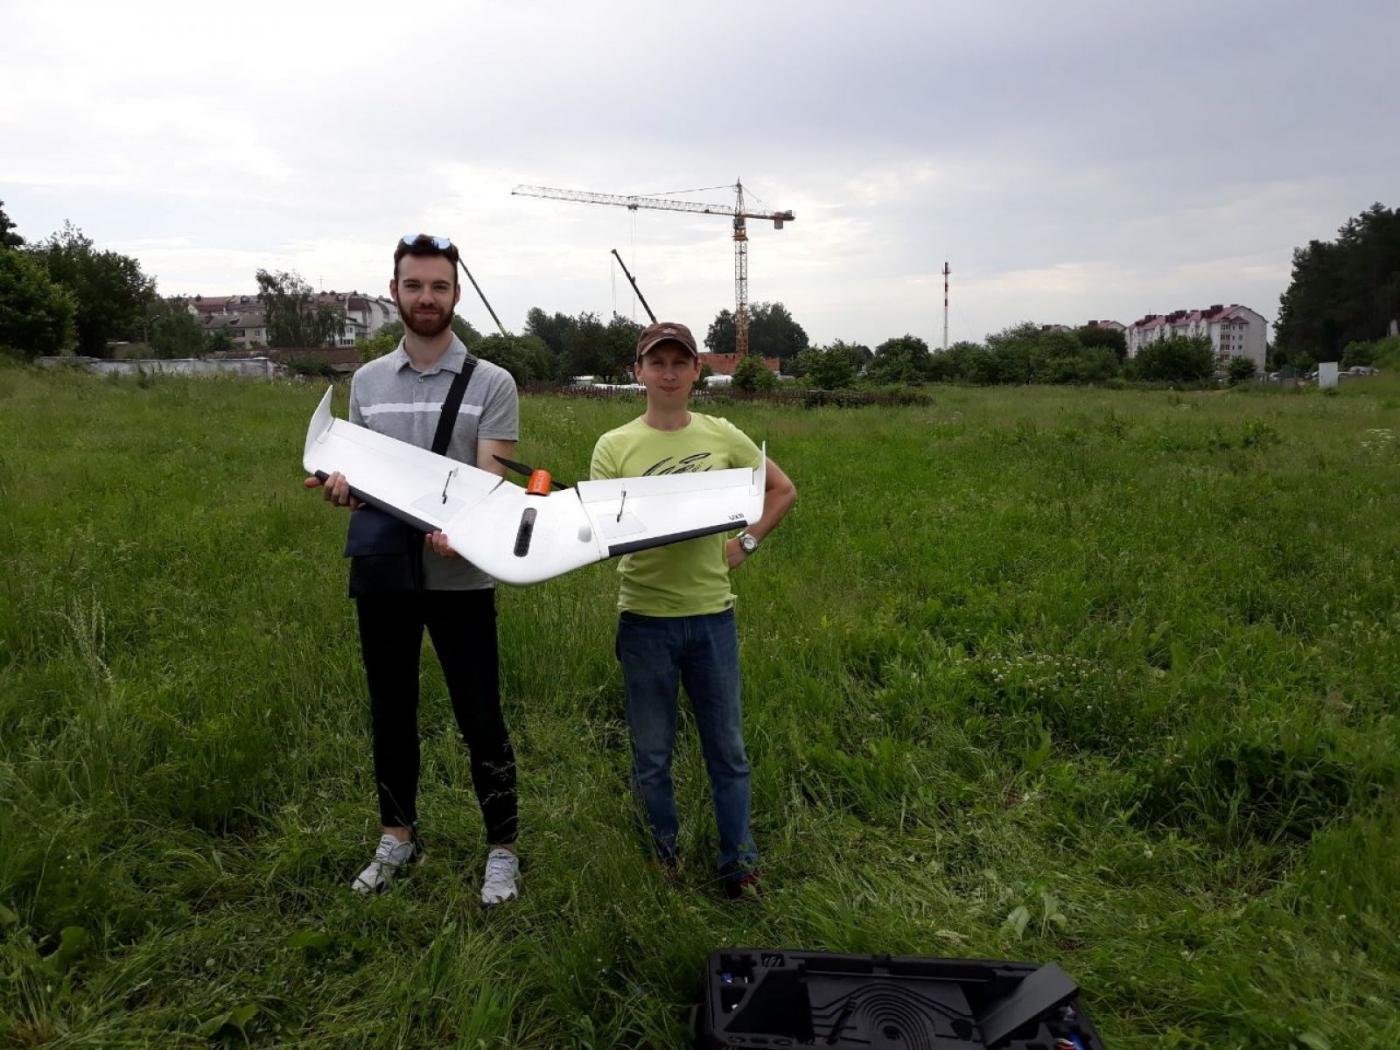 Студенты на практике – беспилотные летательные аппараты (МиТ, ФТК)